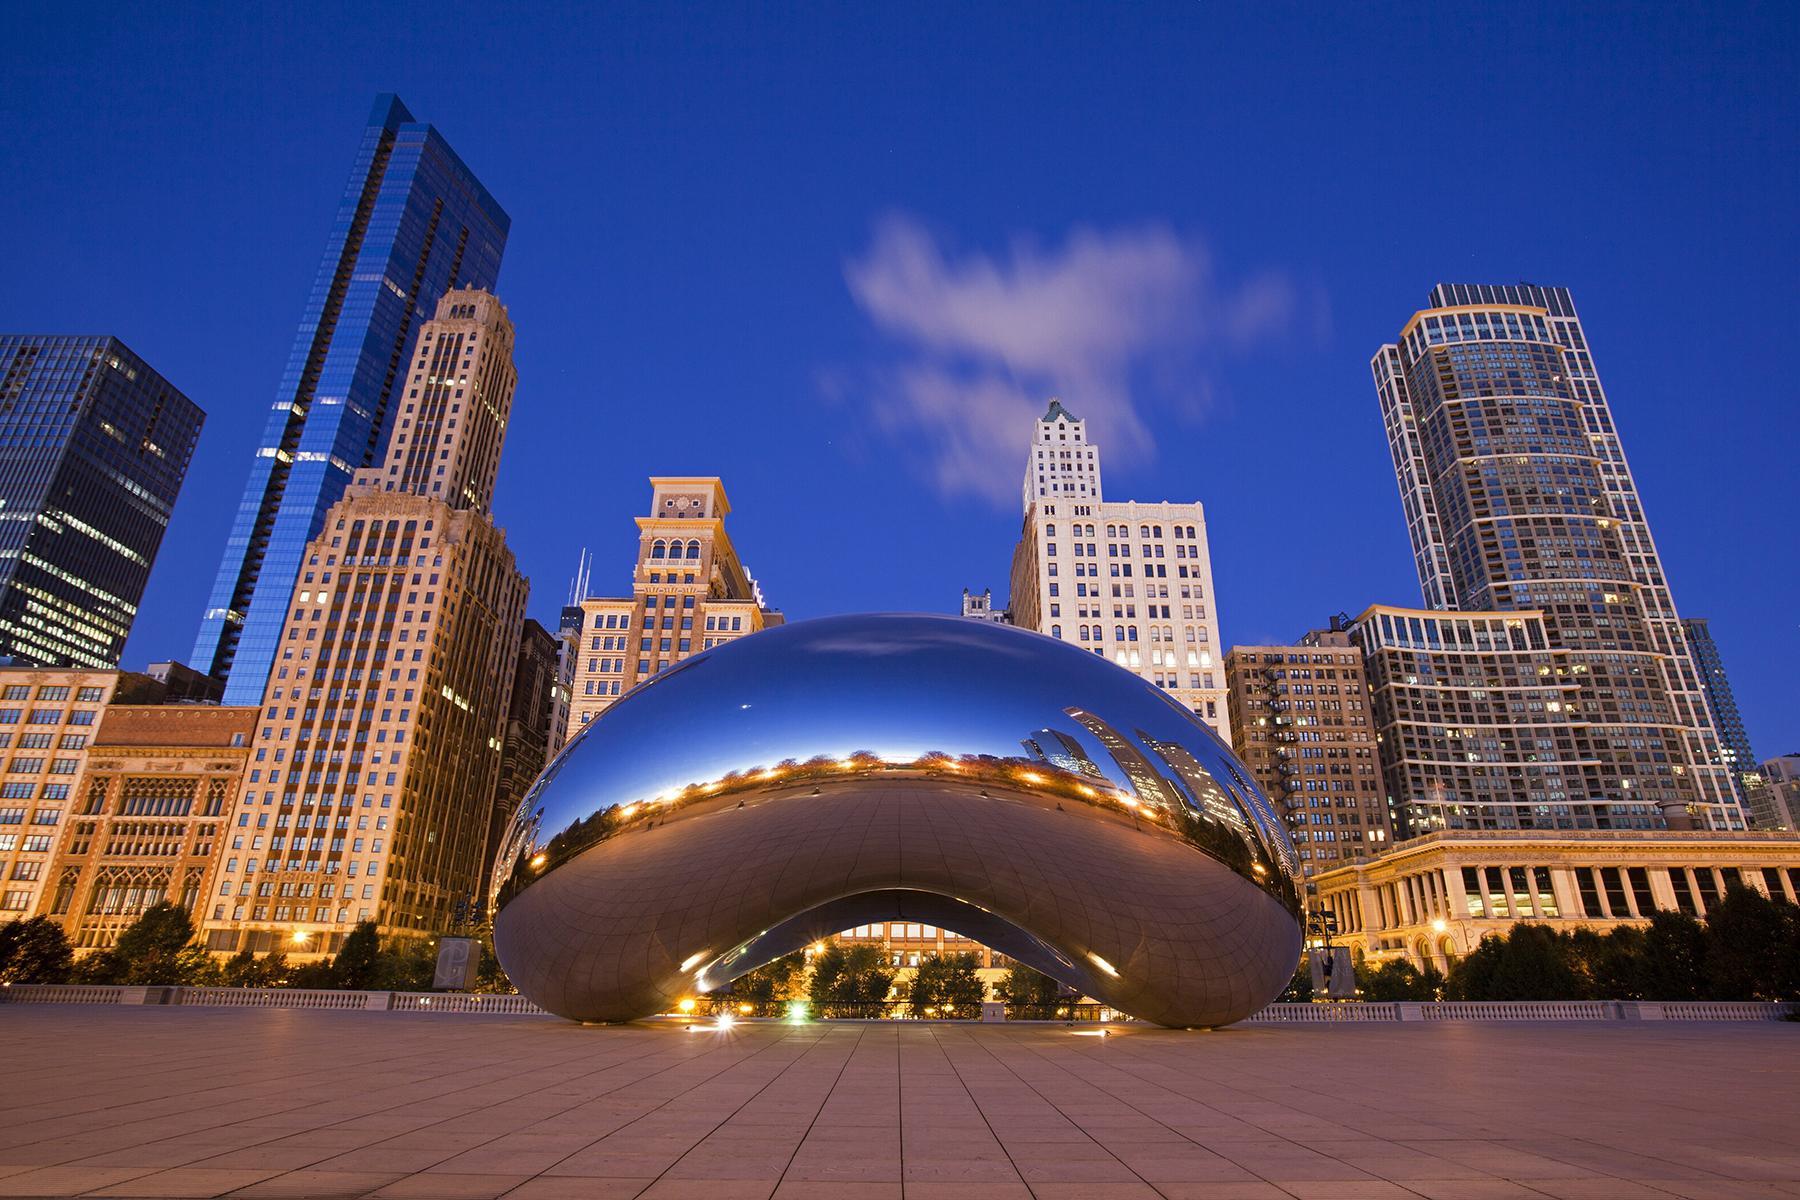 Millennium Park - Chicago, Illinois